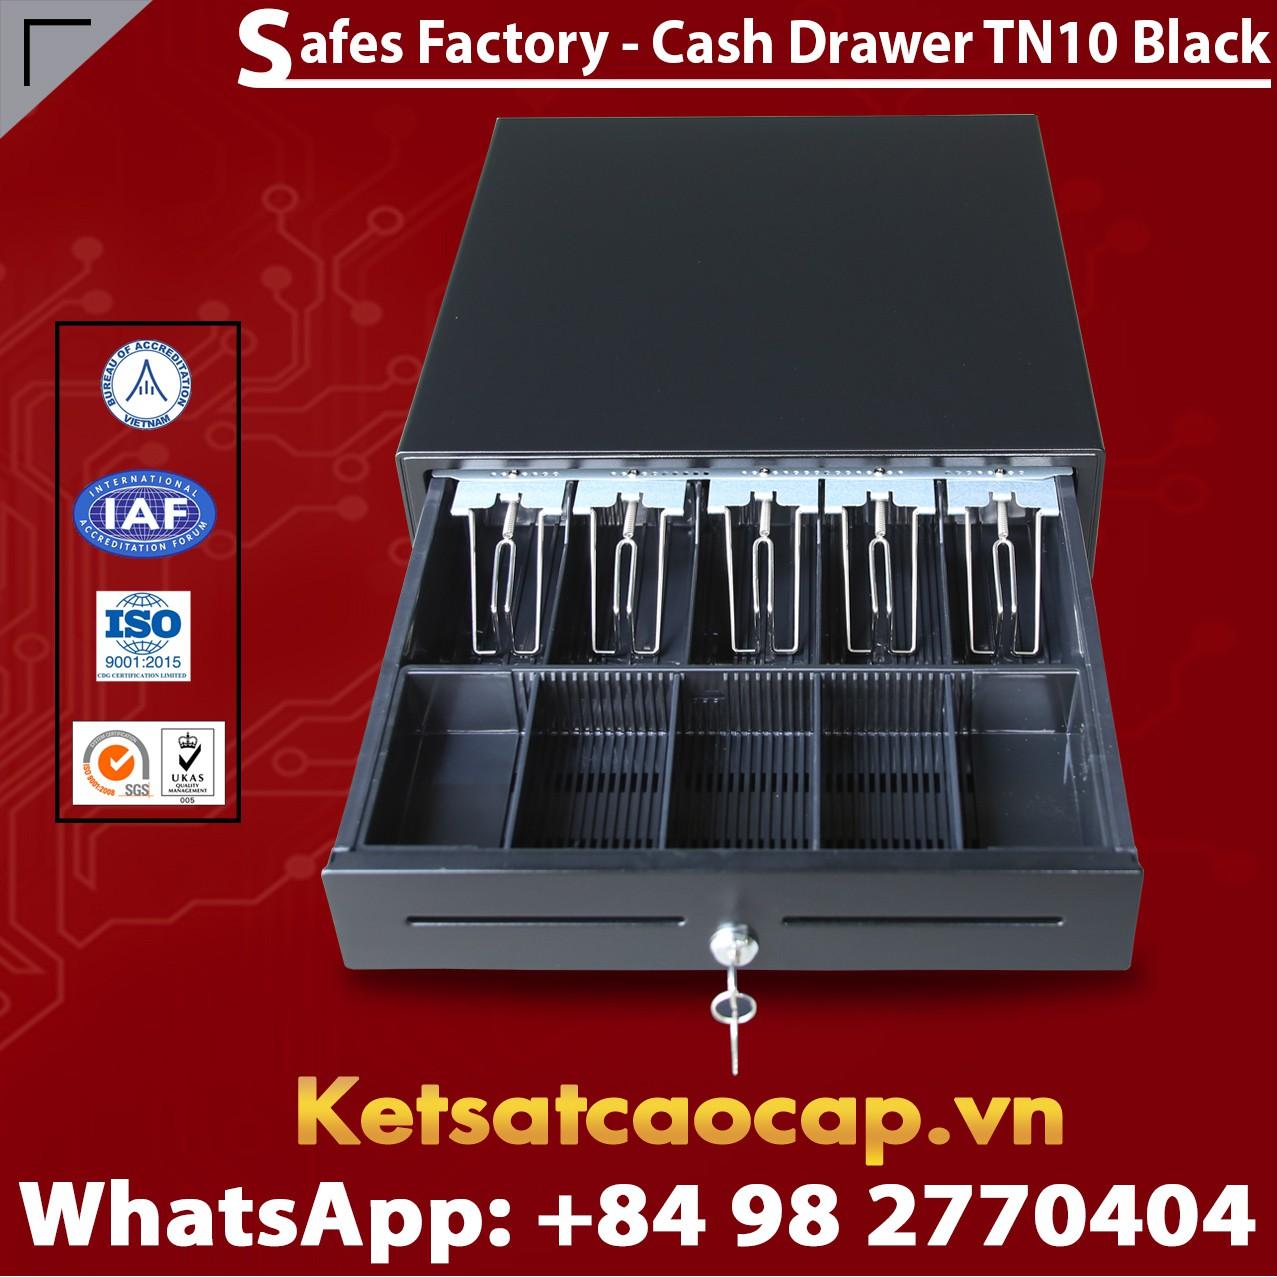 Ngăn Kéo Đựng Tiền Cash Drawer WELKO TN10